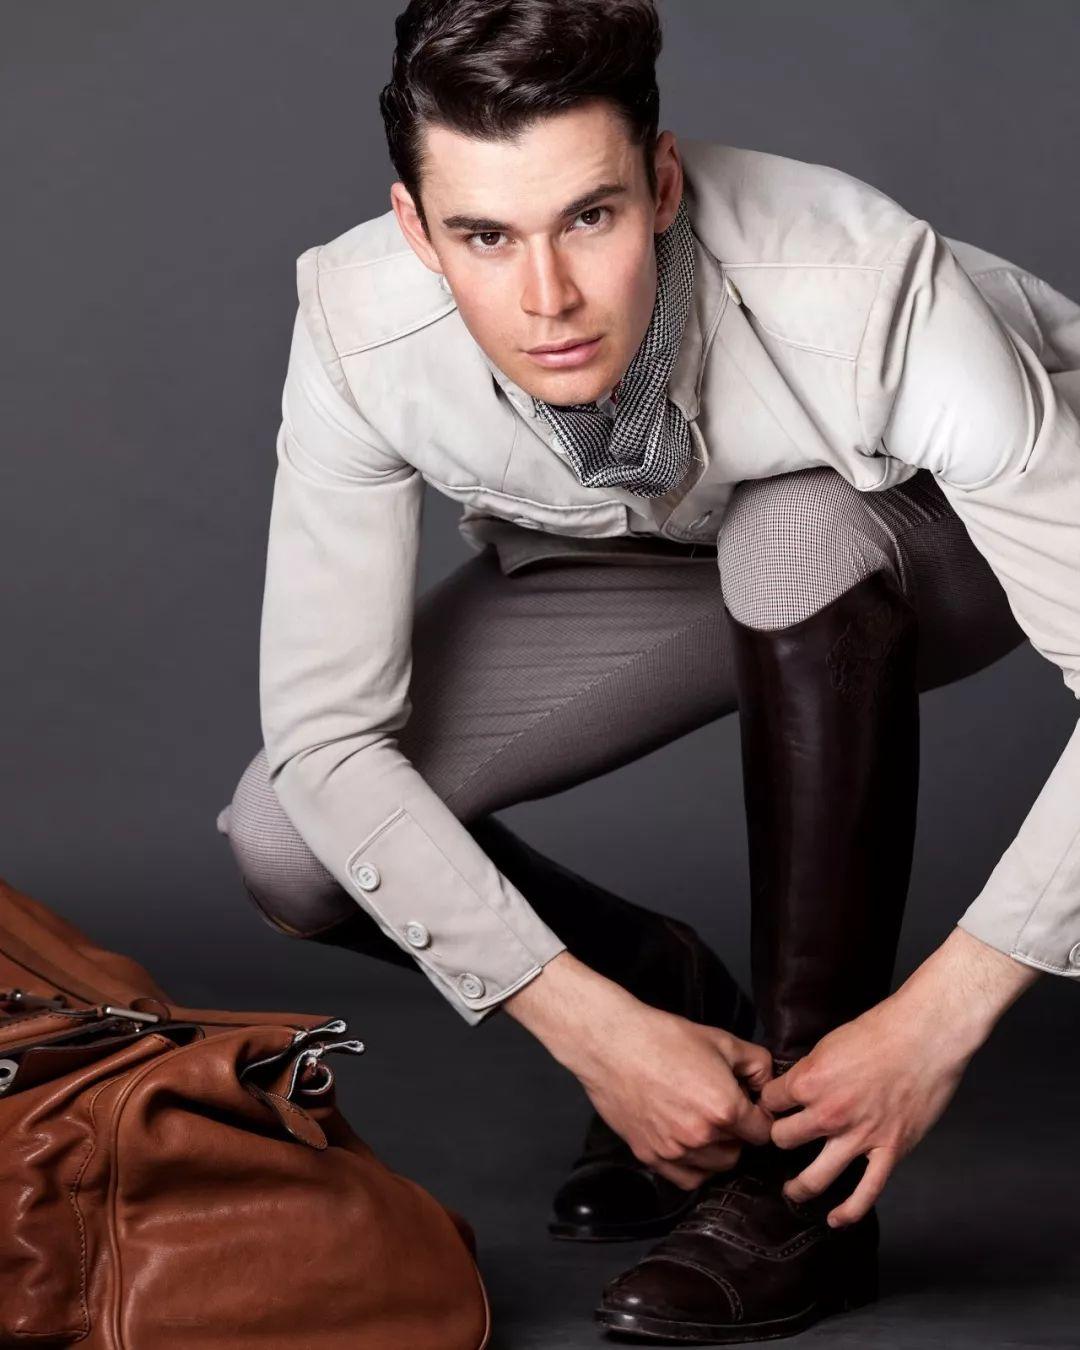 超甜蜜!法国时尚圈出现了一对男模夫夫!_法国新闻_法国中文网